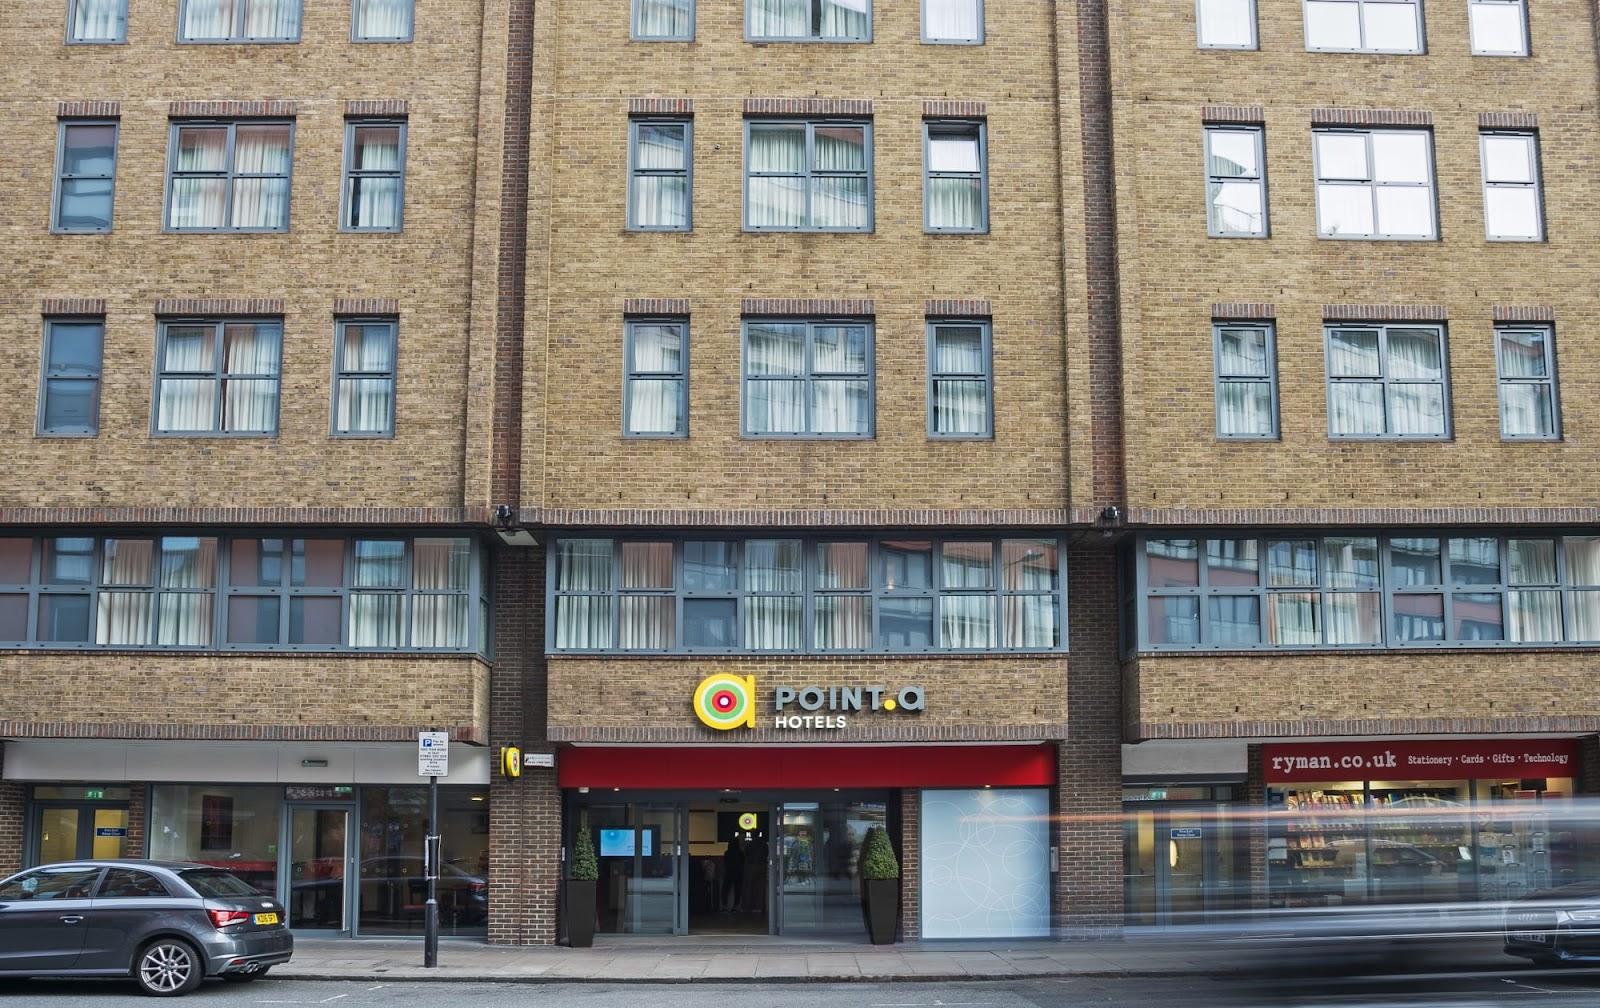 Point A Hotel yaitu hotel kedua dalam daftar hotel murah di London